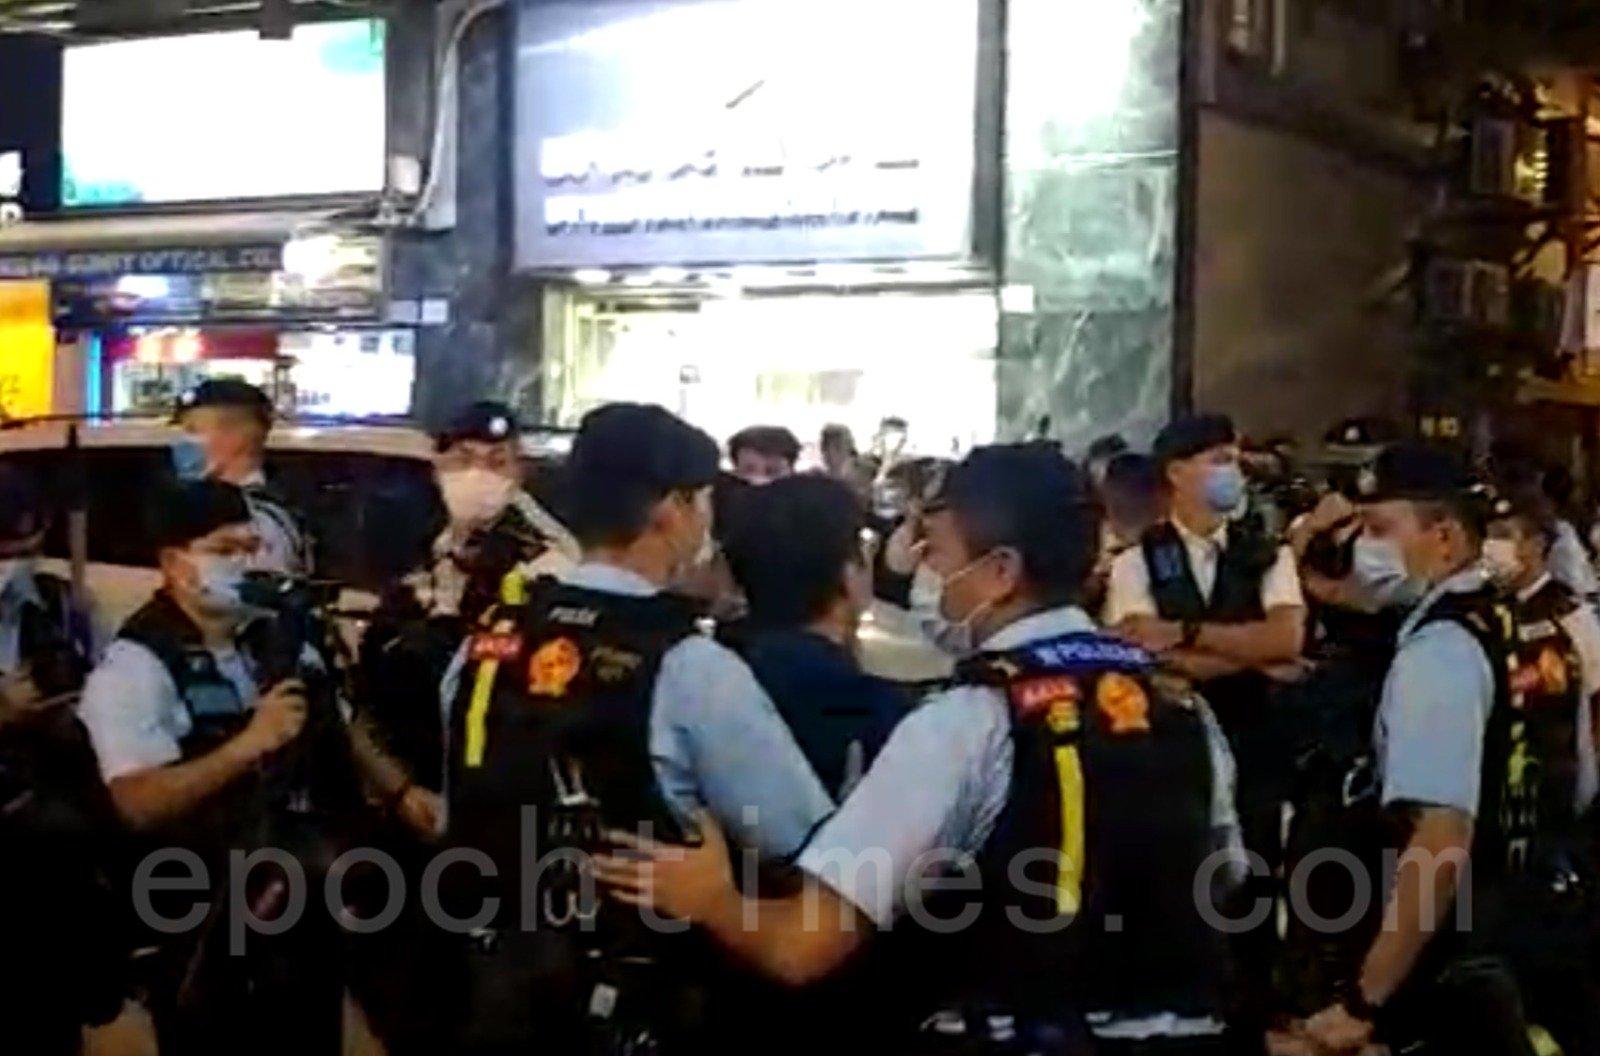 10月31日,元朗區議員伍健偉到太子站了解情況,警方卻以涉嫌在公眾地方行為不檢為由將他拘捕。( Wendy/大紀元)